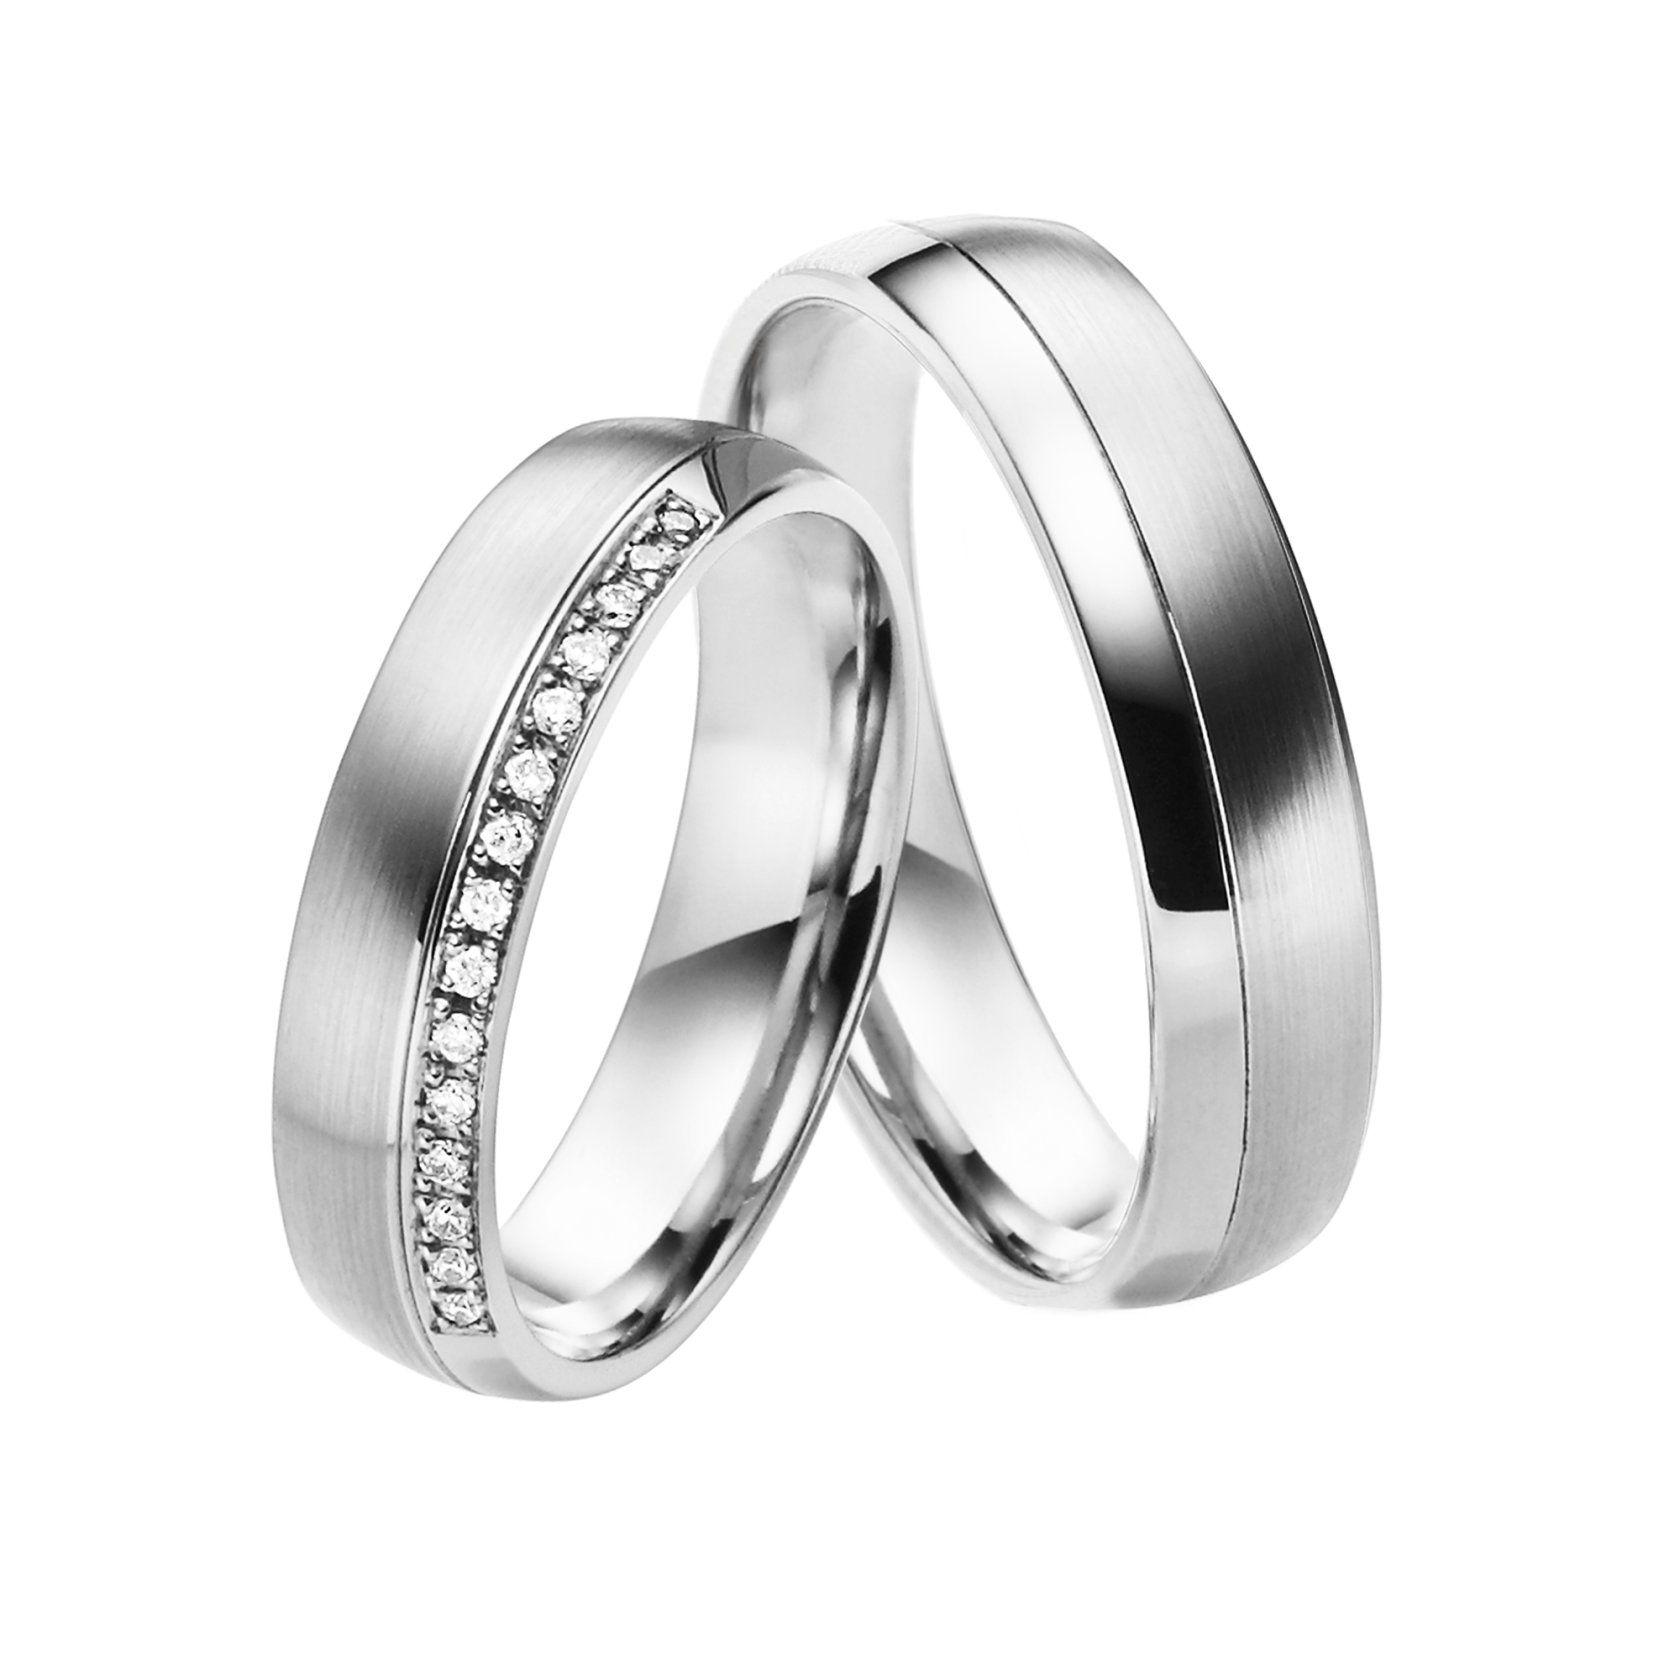 Juwelier kraemer ringe preise